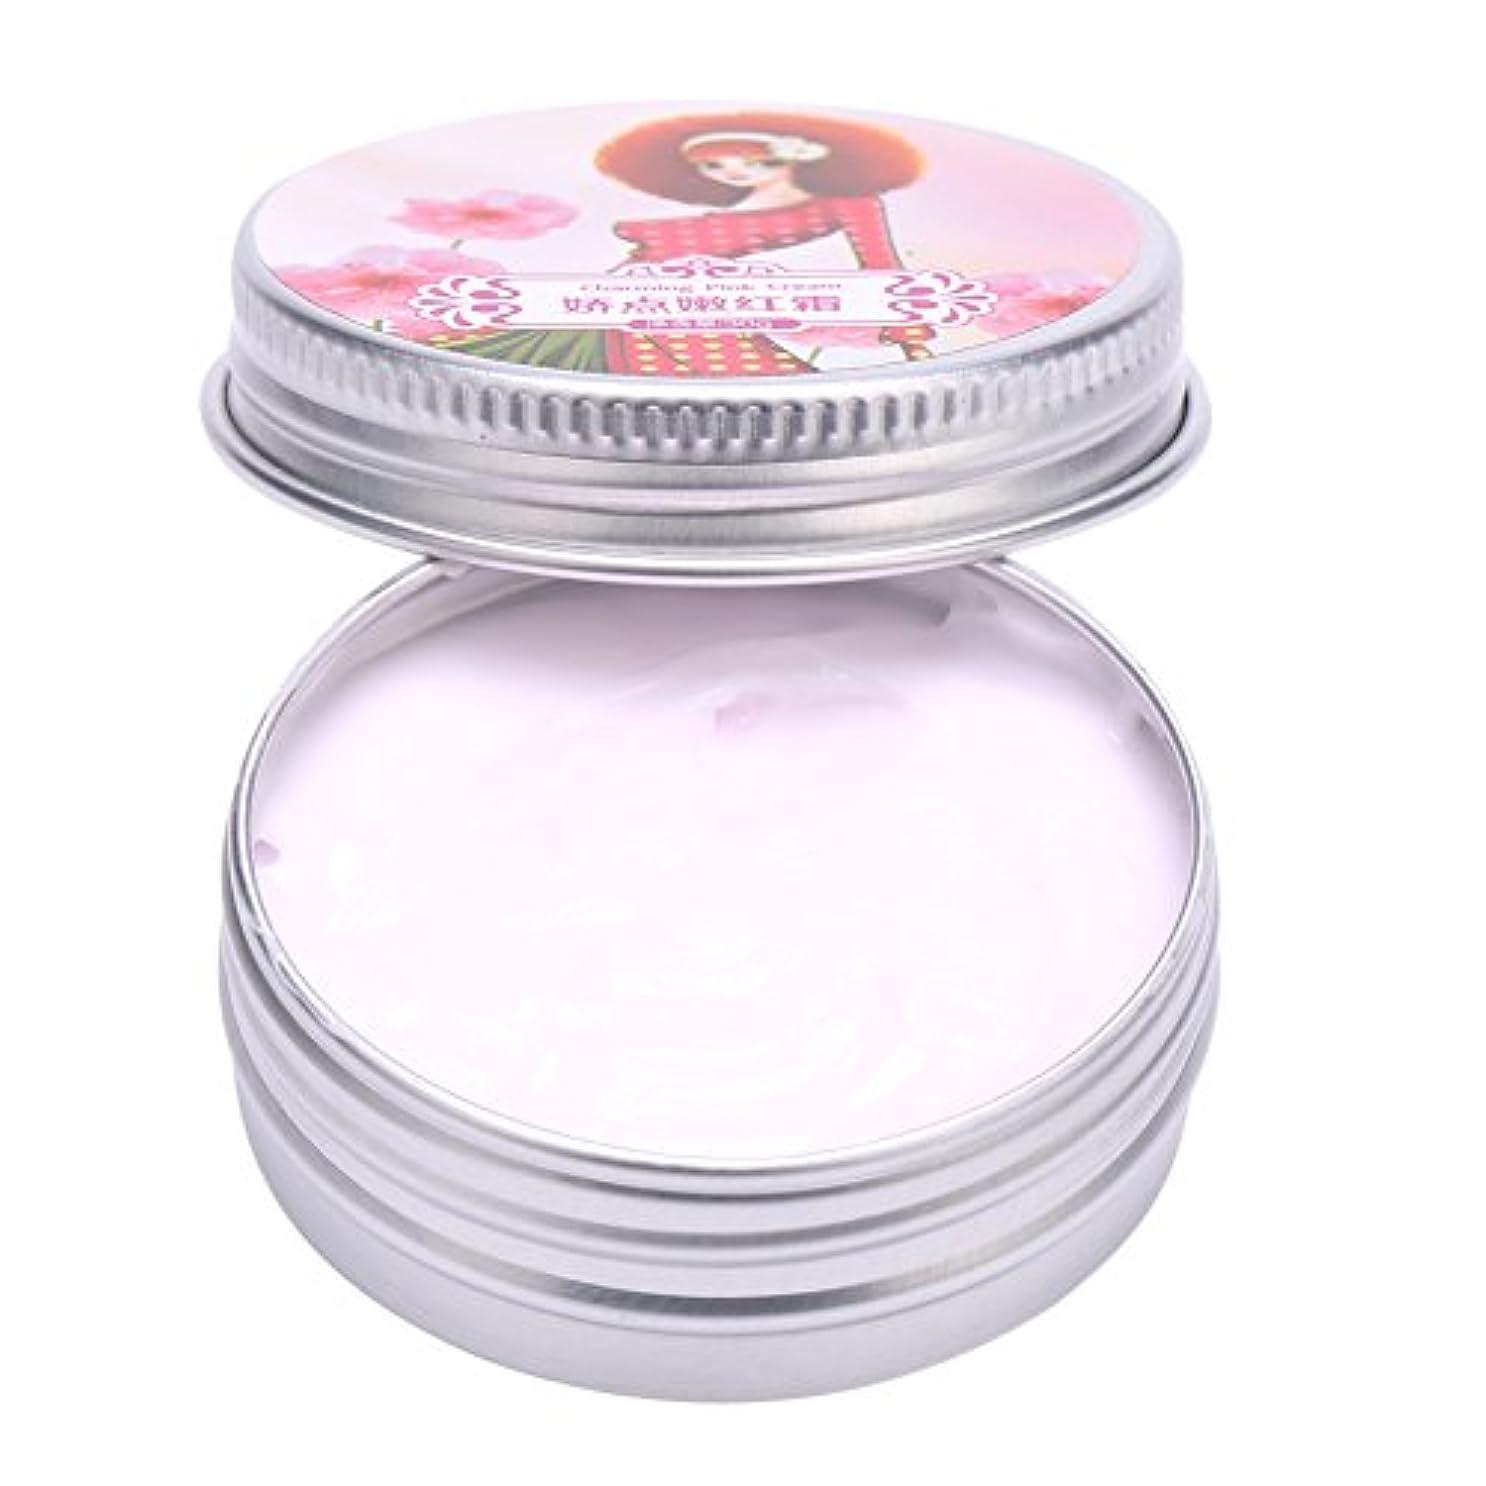 受け取るむちゃくちゃ採用するライトニングホワイトニング漂白ブロッサム親密なピンクニップルリップアンダーアームプライベートボディクリーム